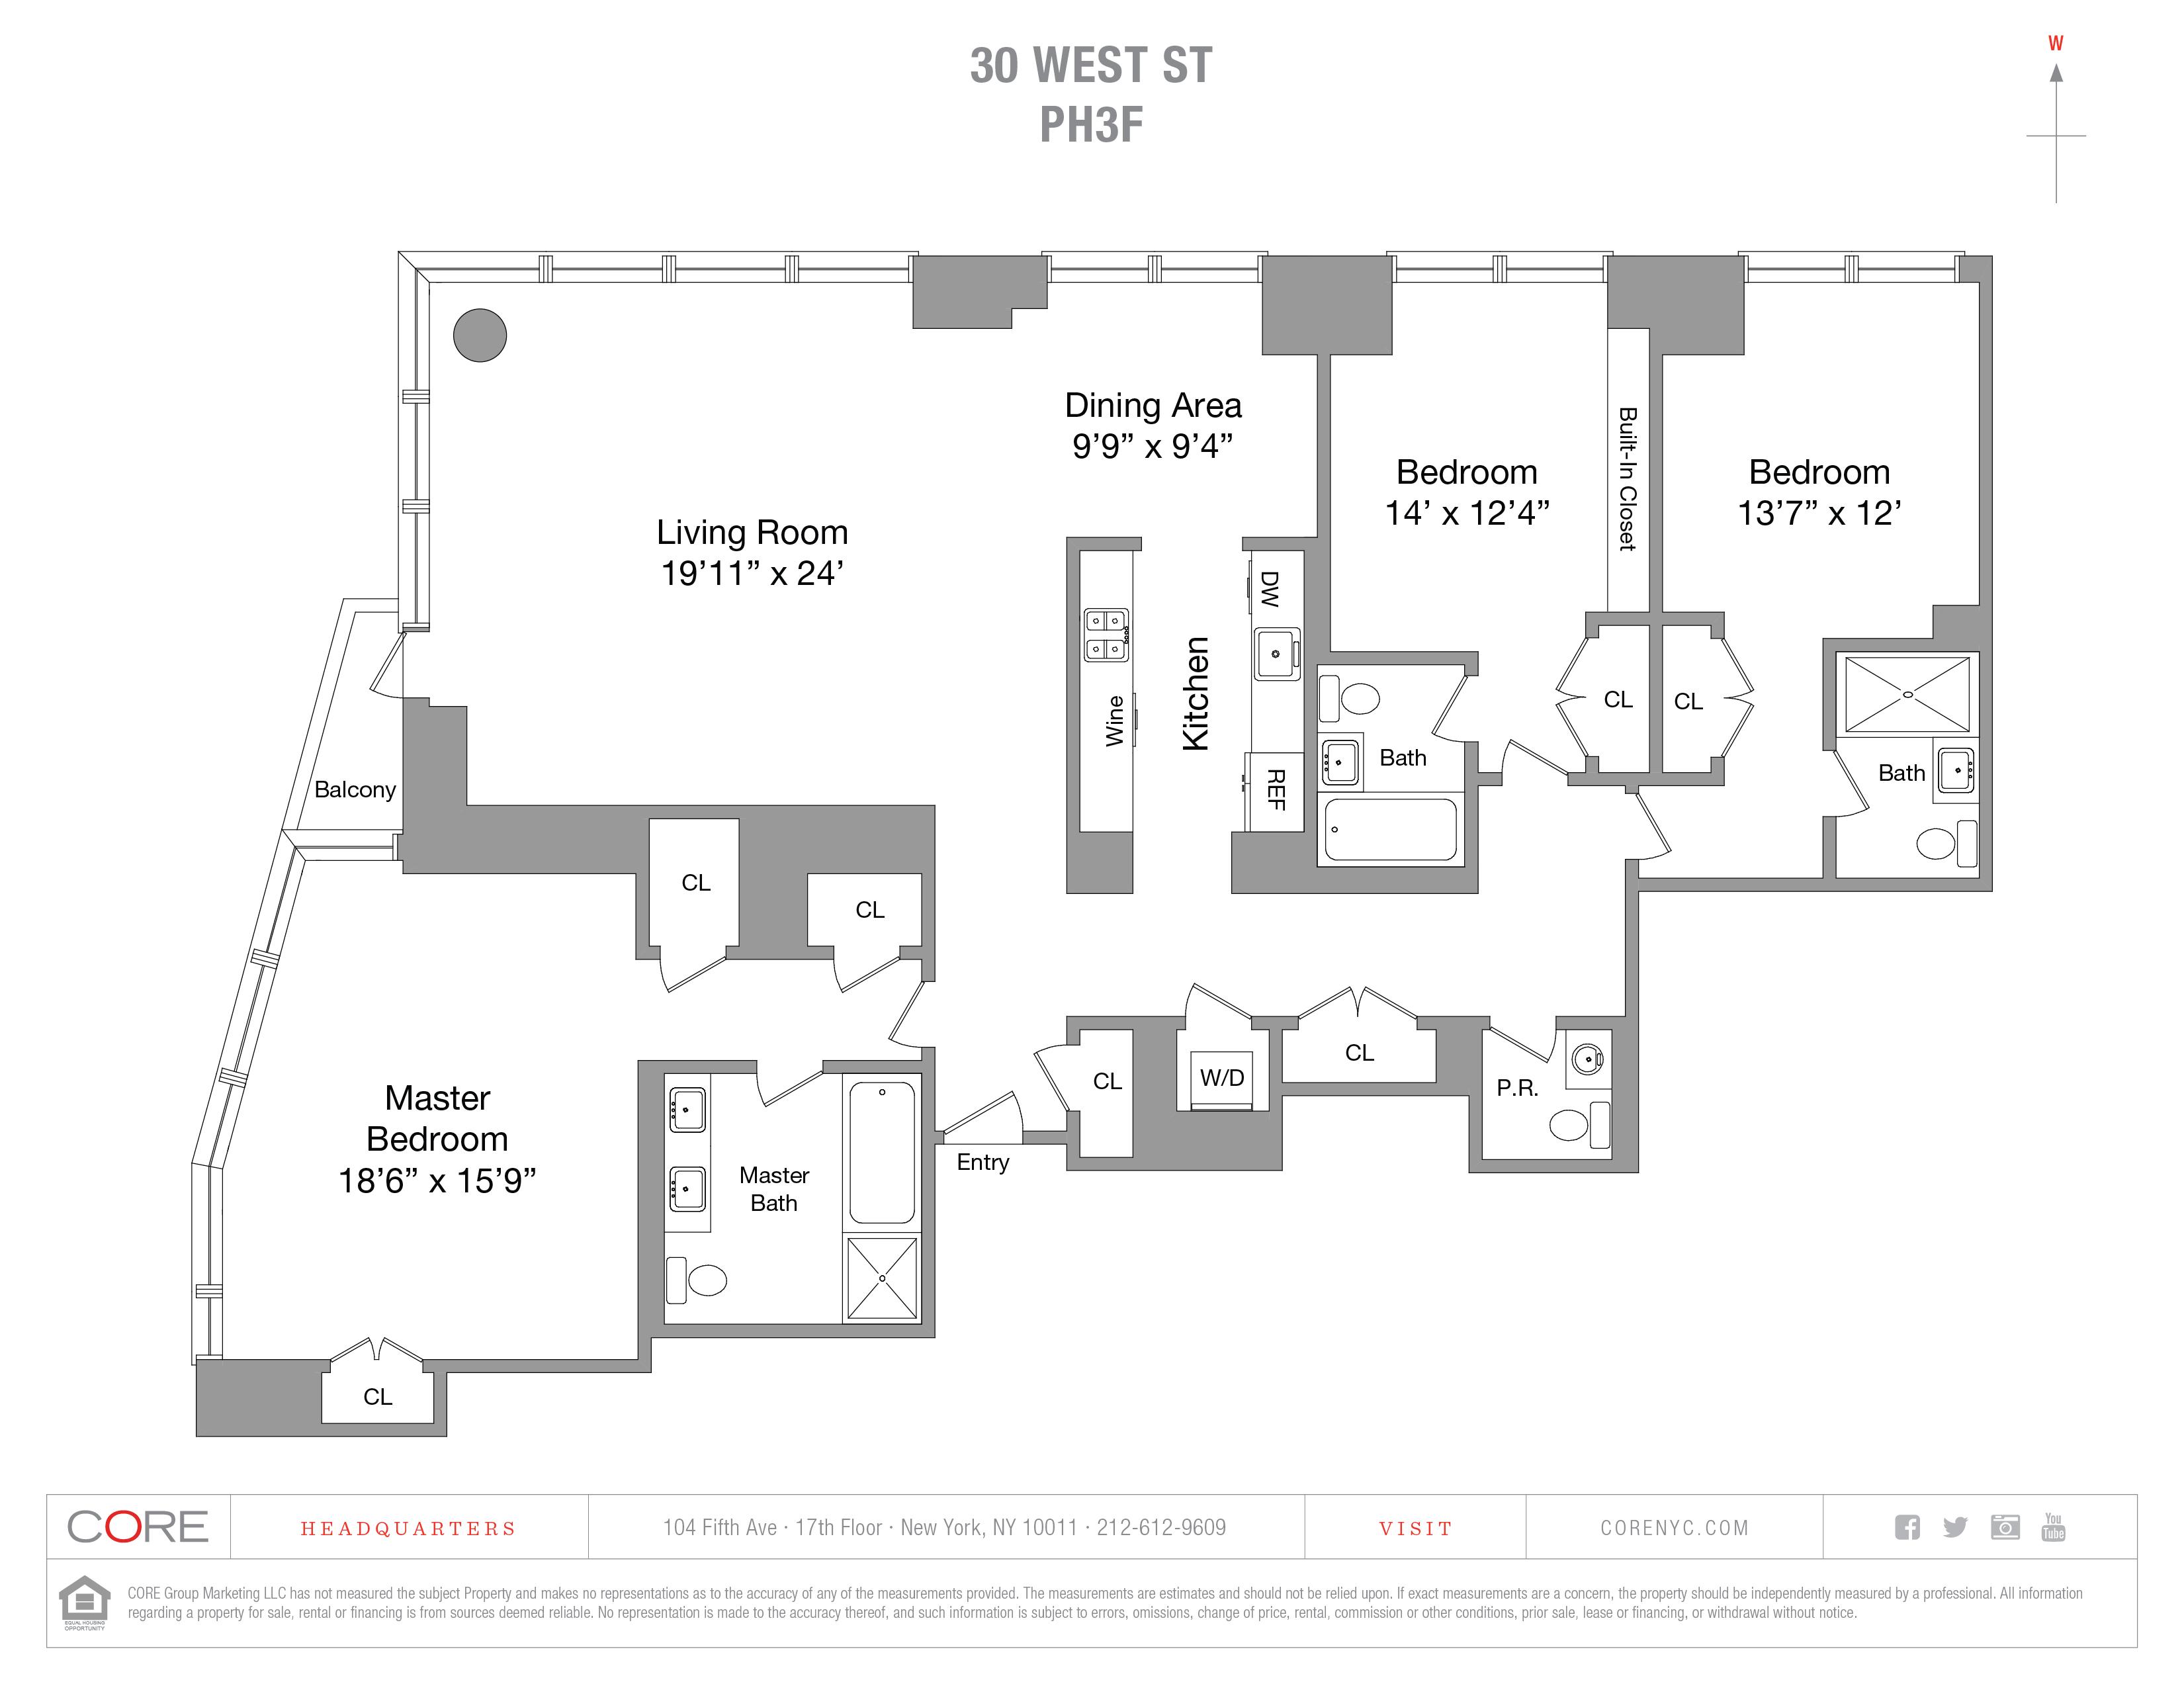 30 West St. PH3F, New York, NY 10280